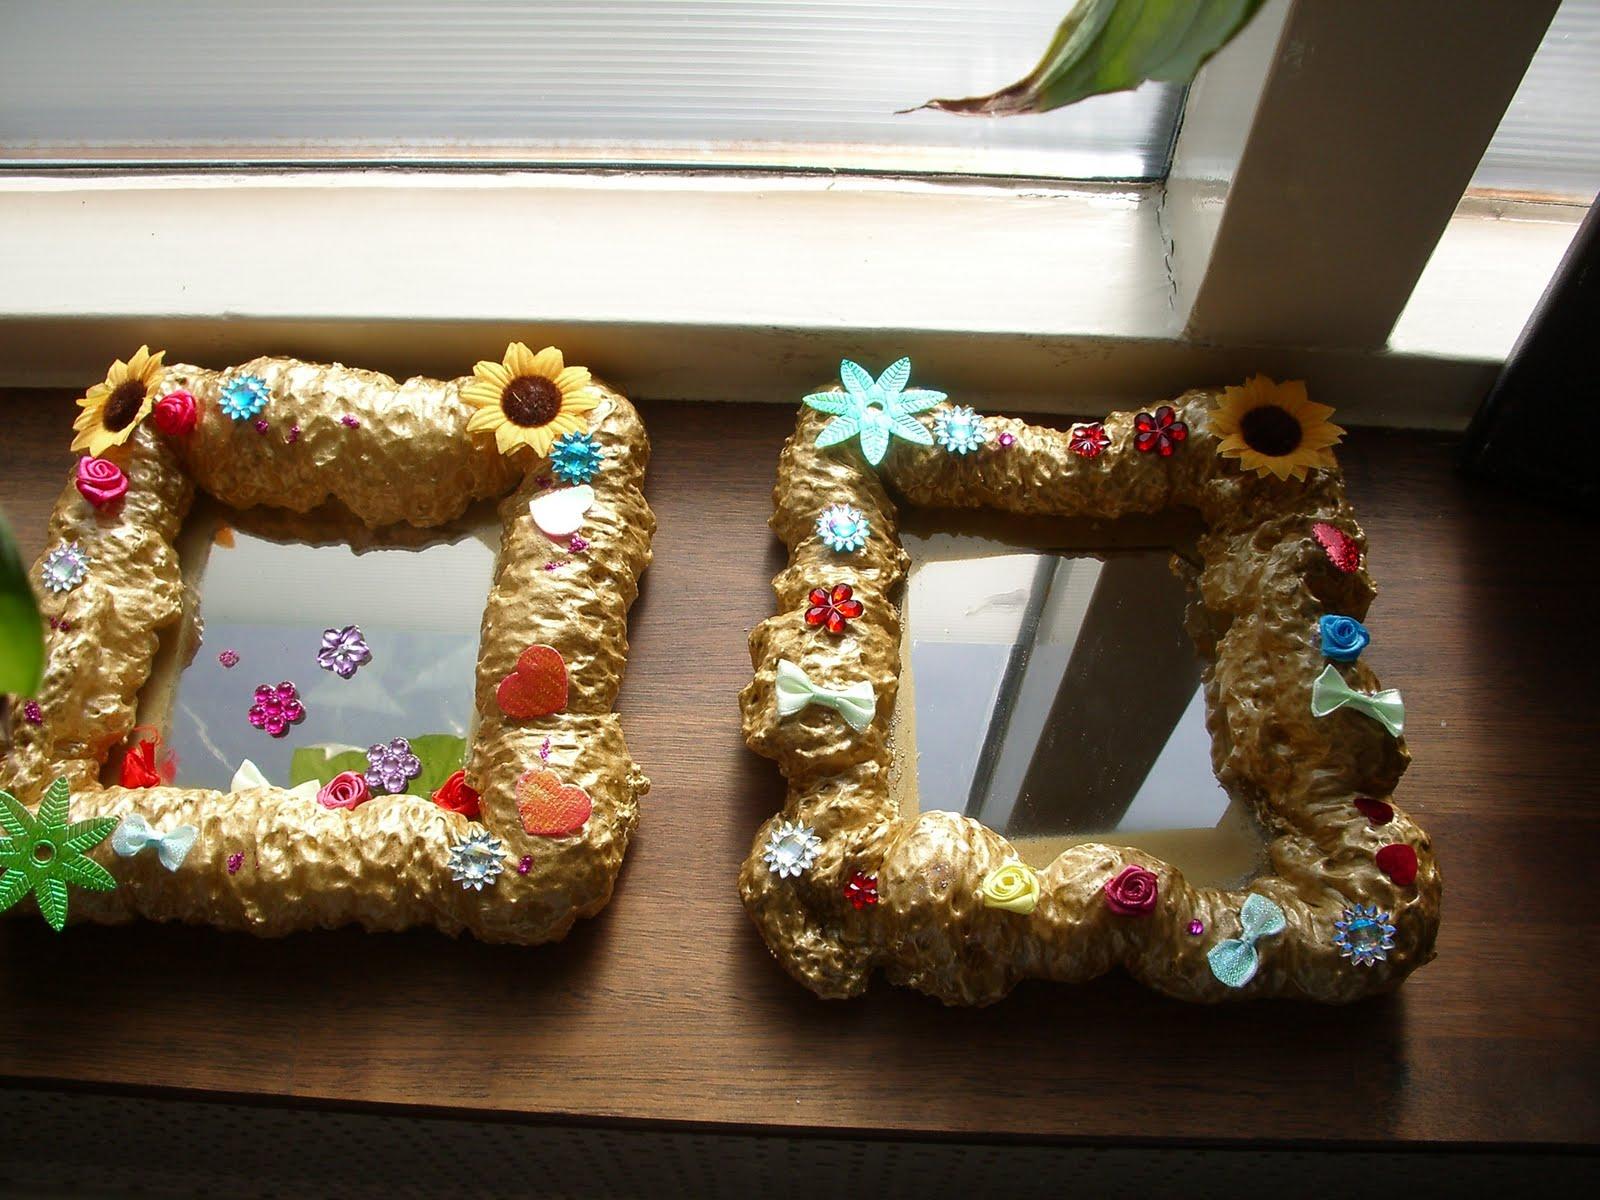 Mijn weg naar duurzaamheid april 2011 - Hoe om te versieren haar eetkamer ...